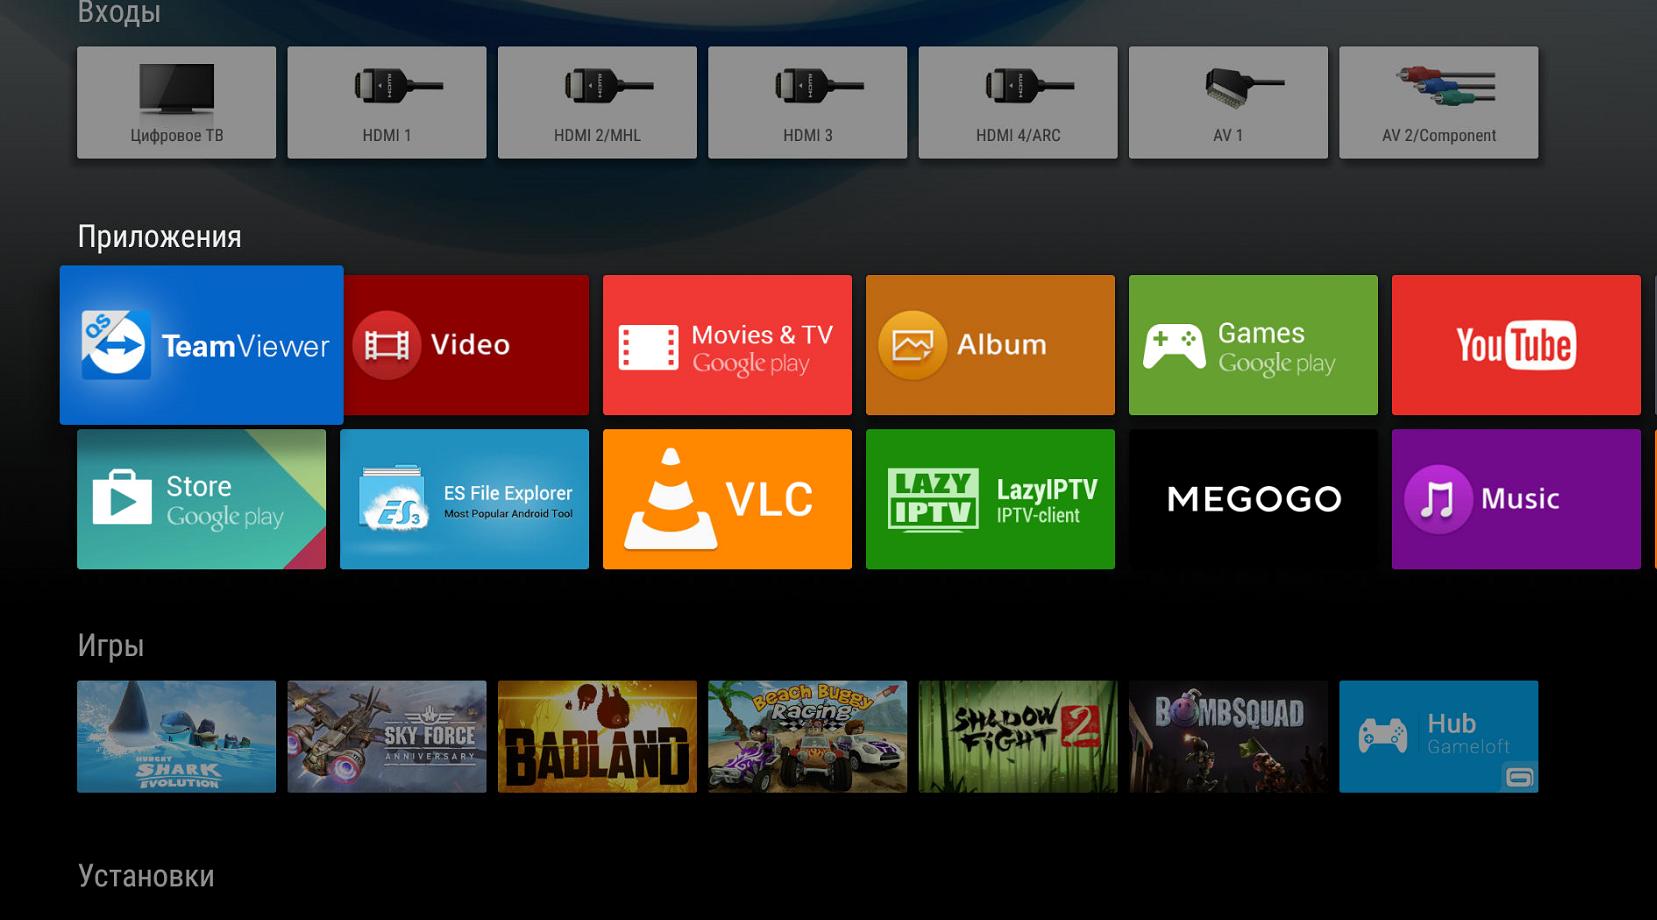 Приложения для toshiba smart tv скачать